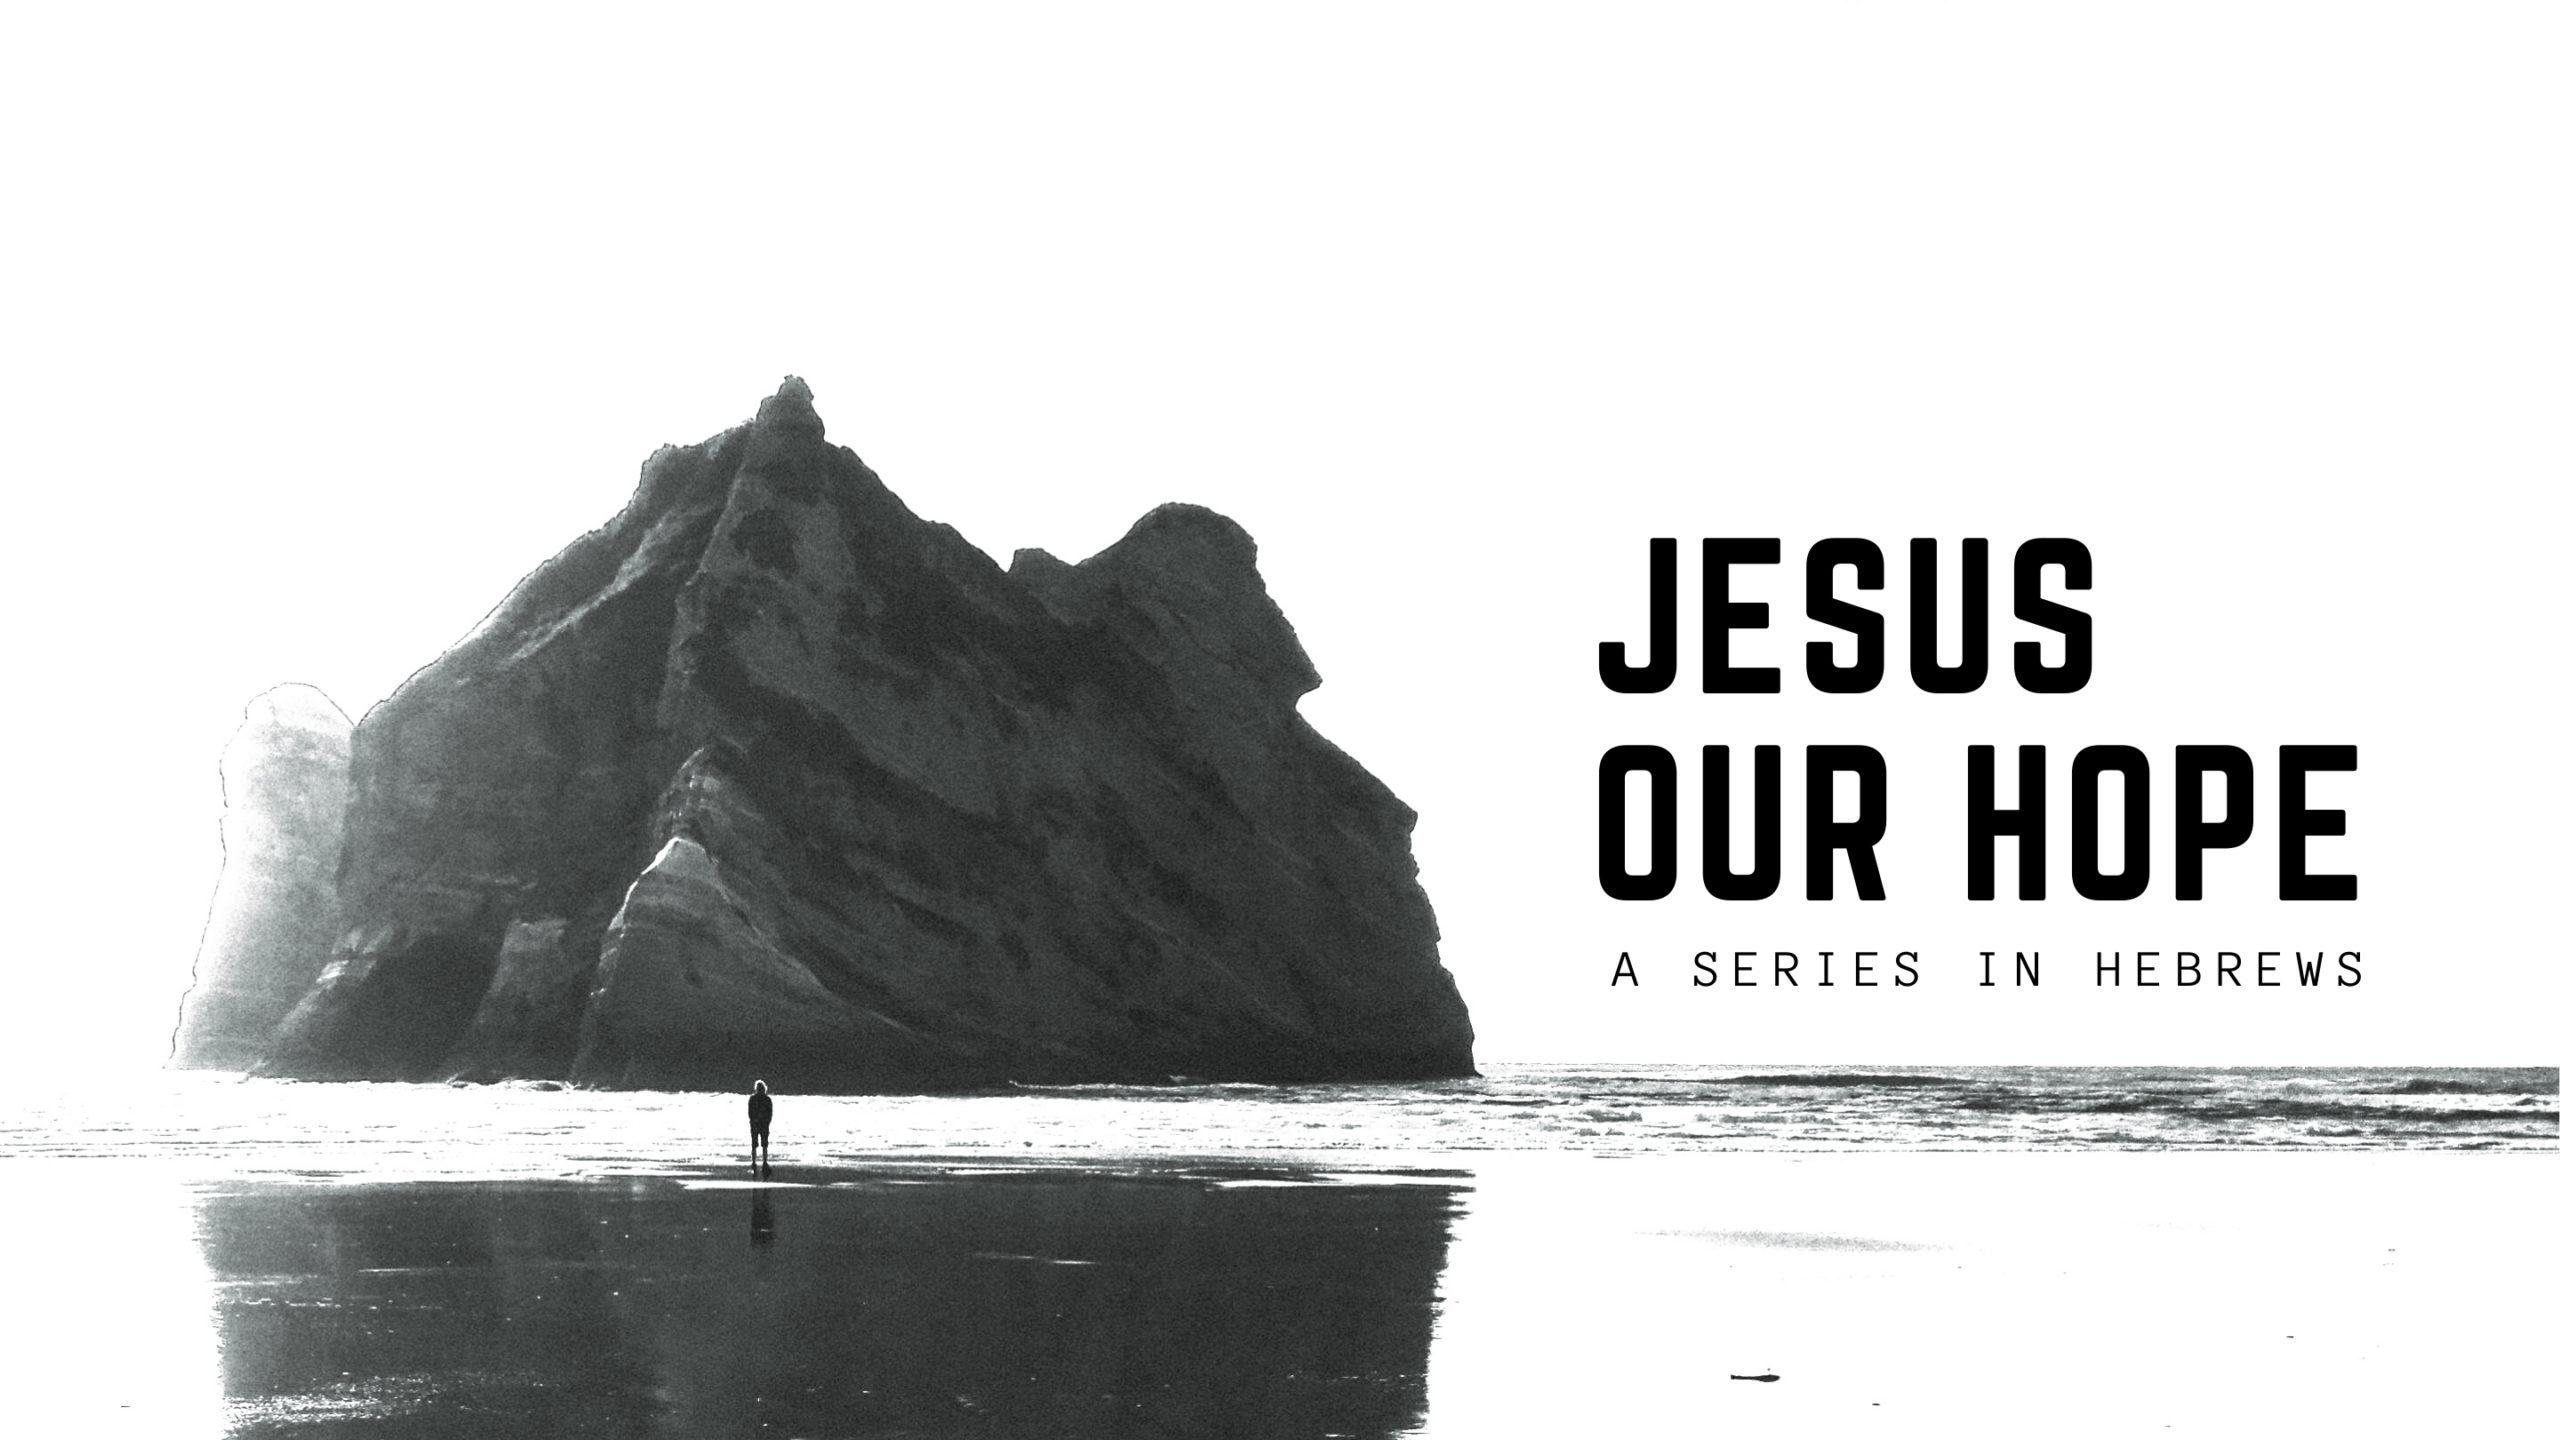 Hebrews: Jesus our Hope